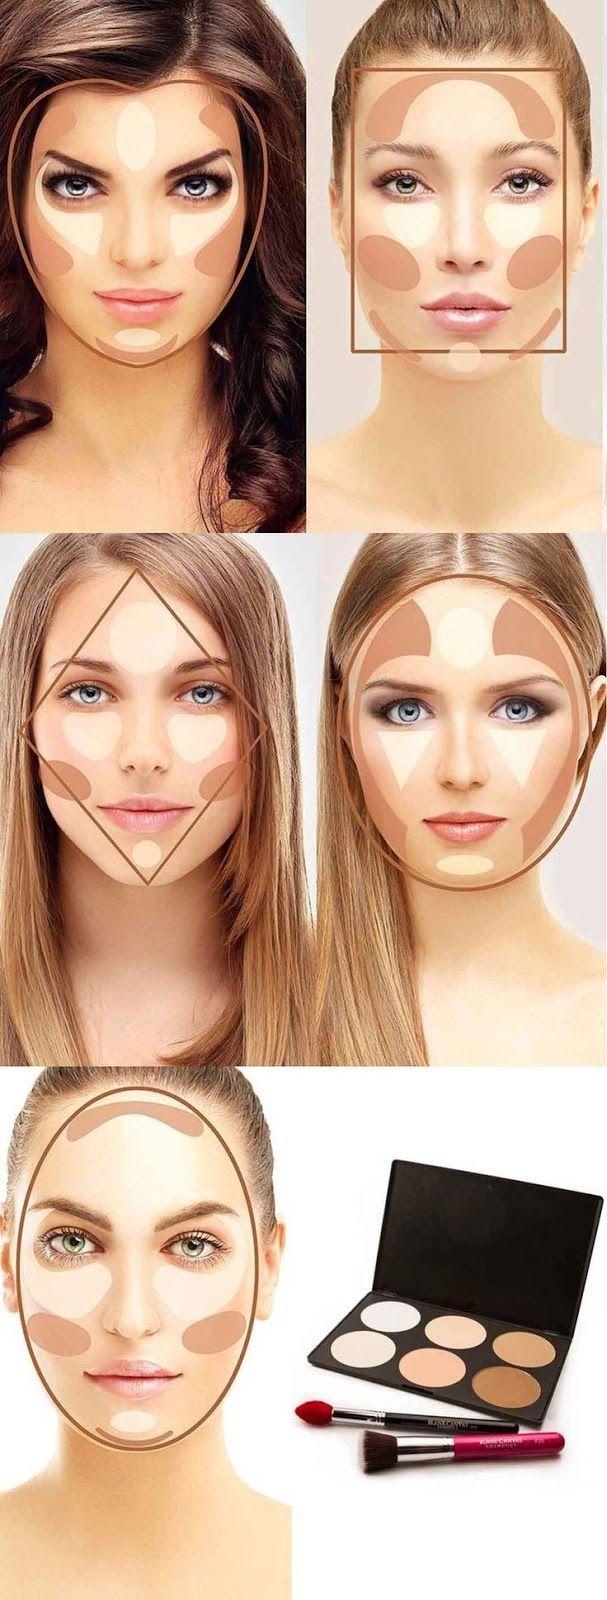 Como afinar el rostro con maquillaje paso a paso – Tutorial Gratis completo – El…